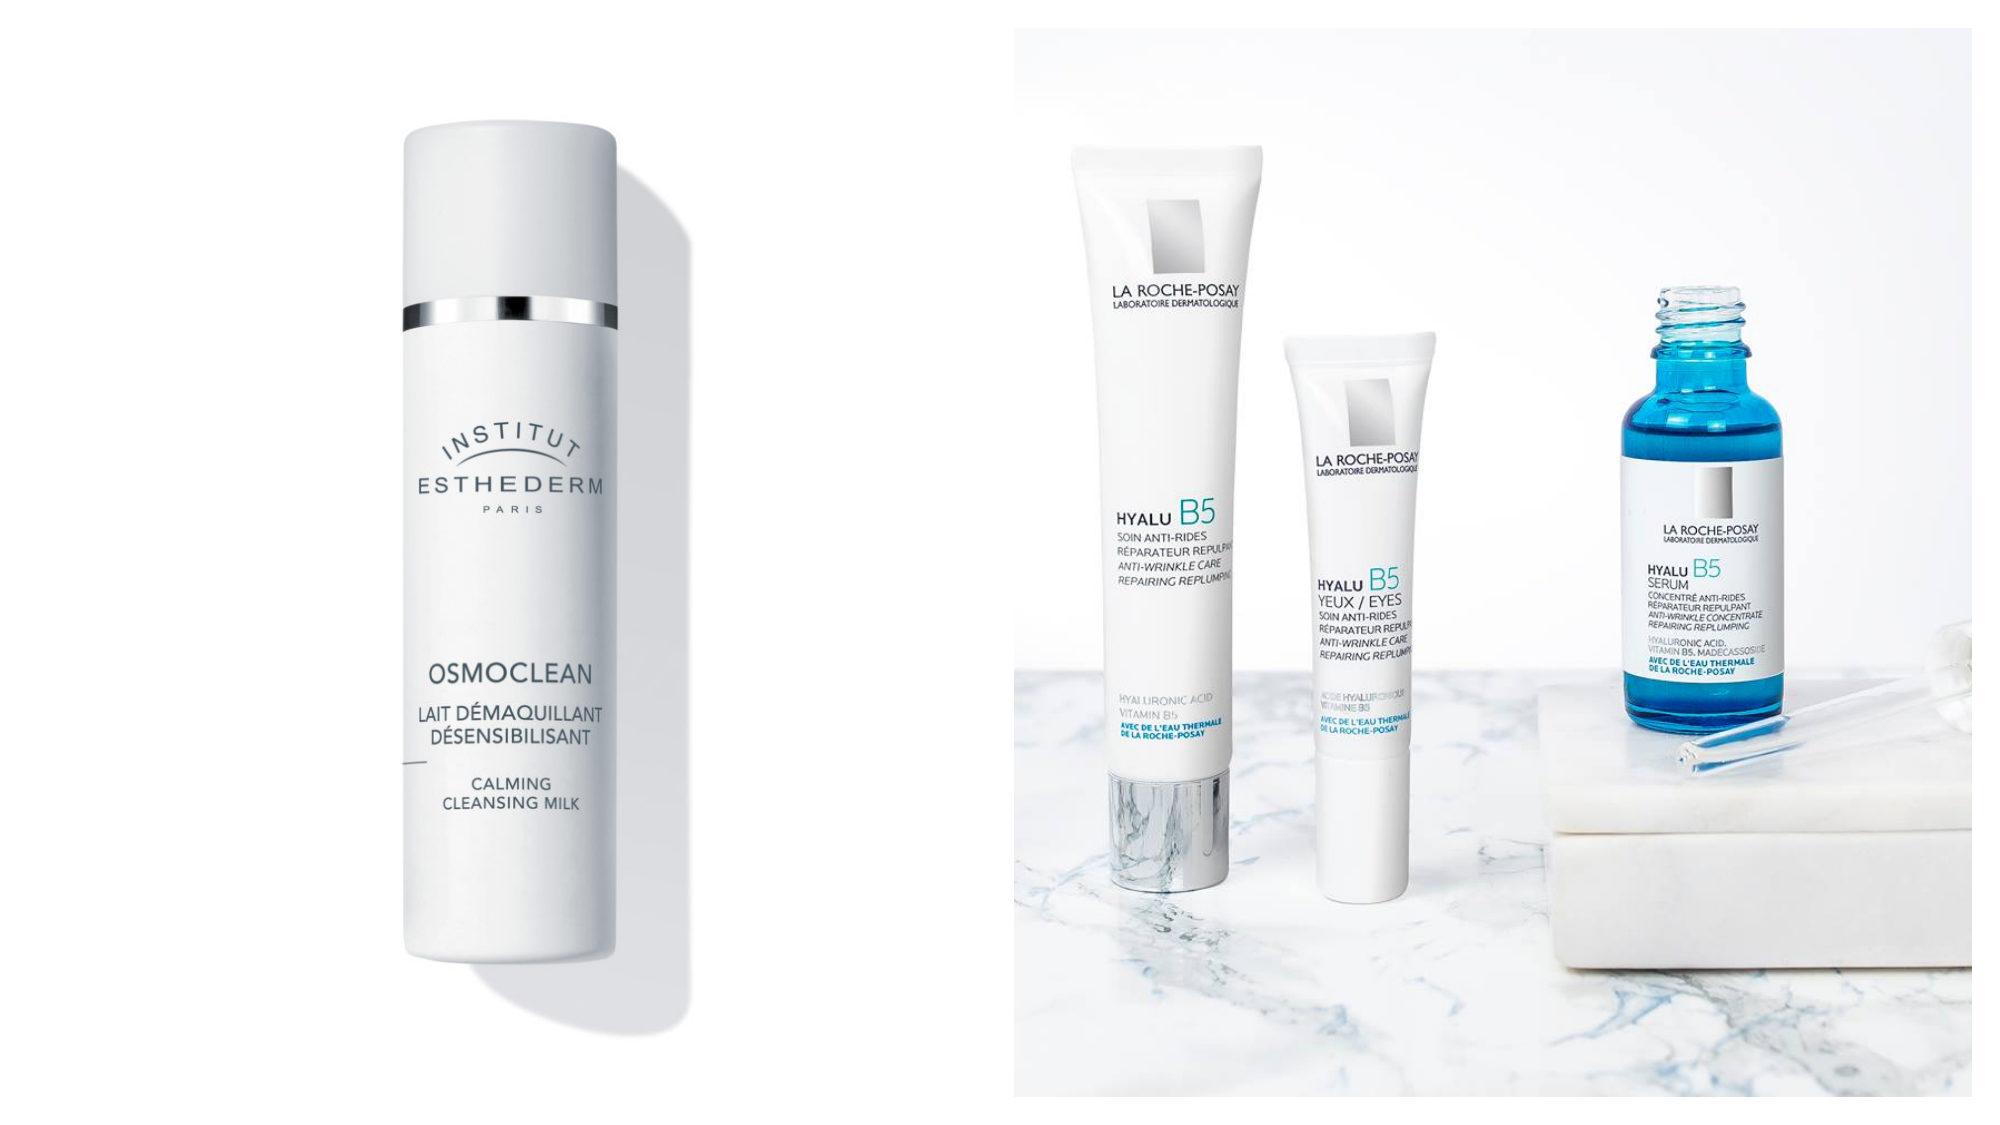 Esthederm Lait Démaquillant Désensibilisant, La Roche-Posay anti-ride anti-wrinkle products